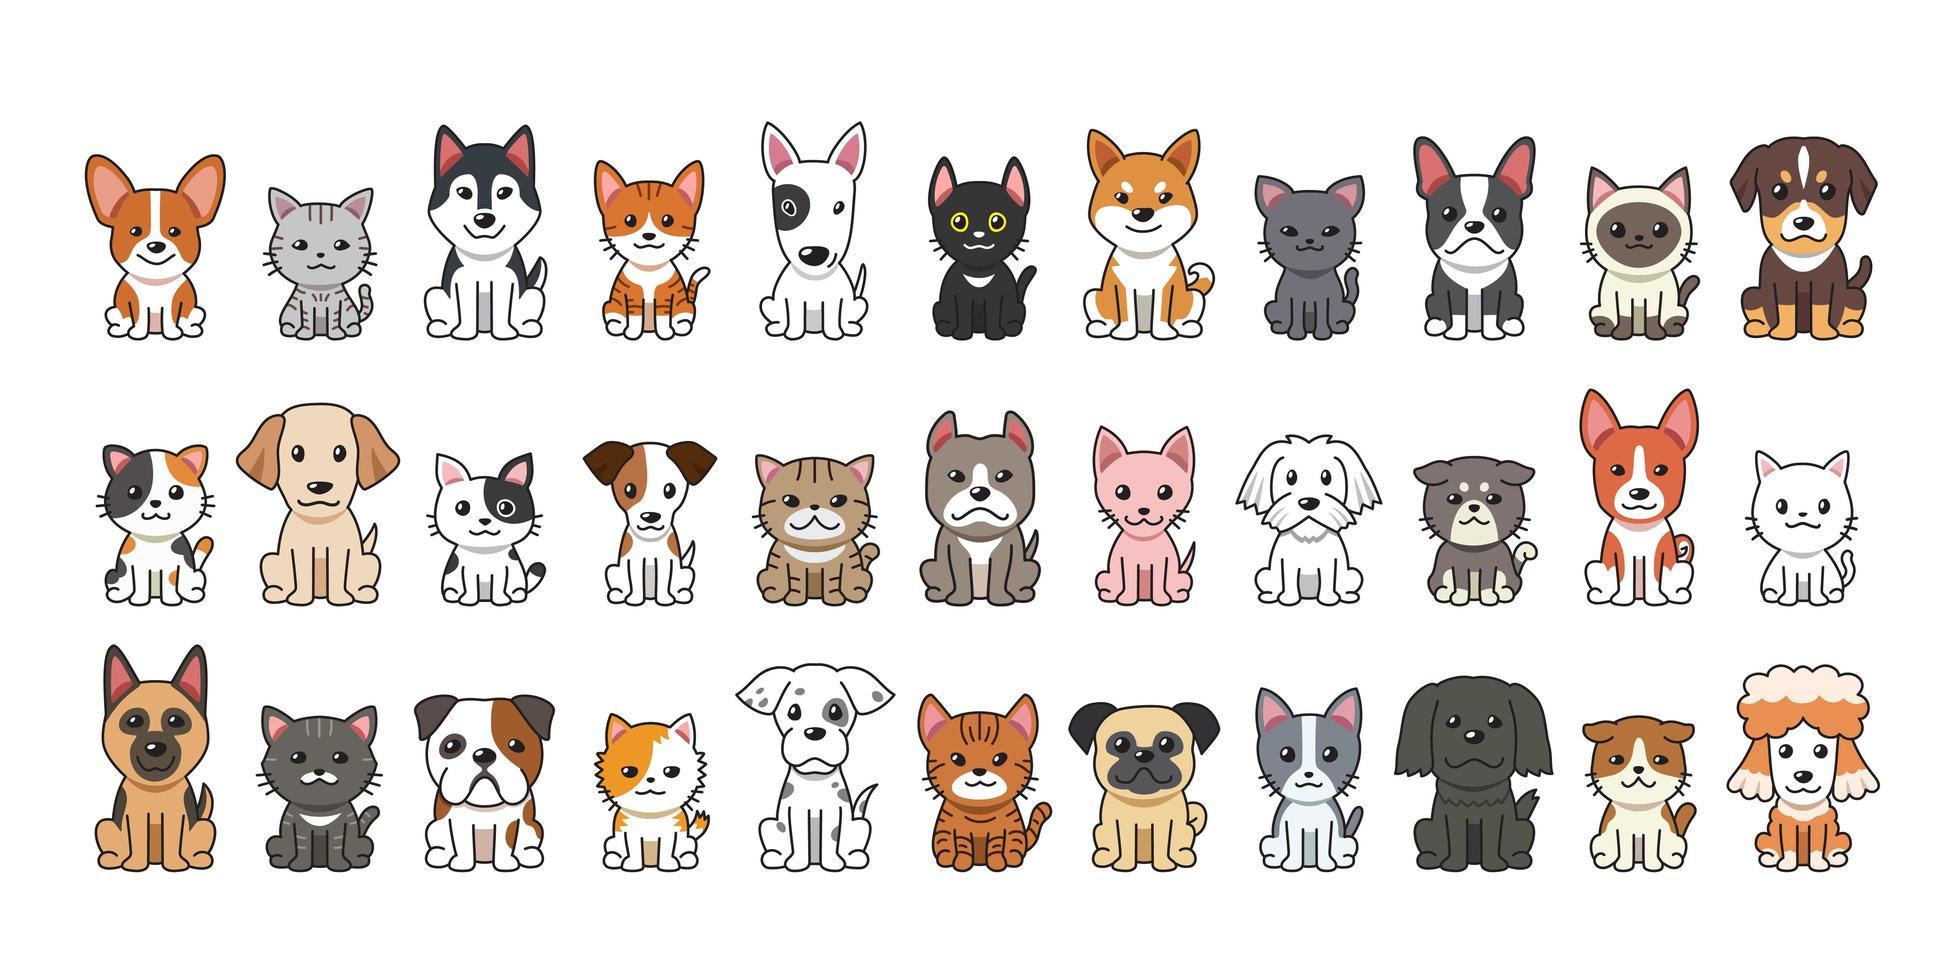 gatos e cachorros de desenho animado vetor